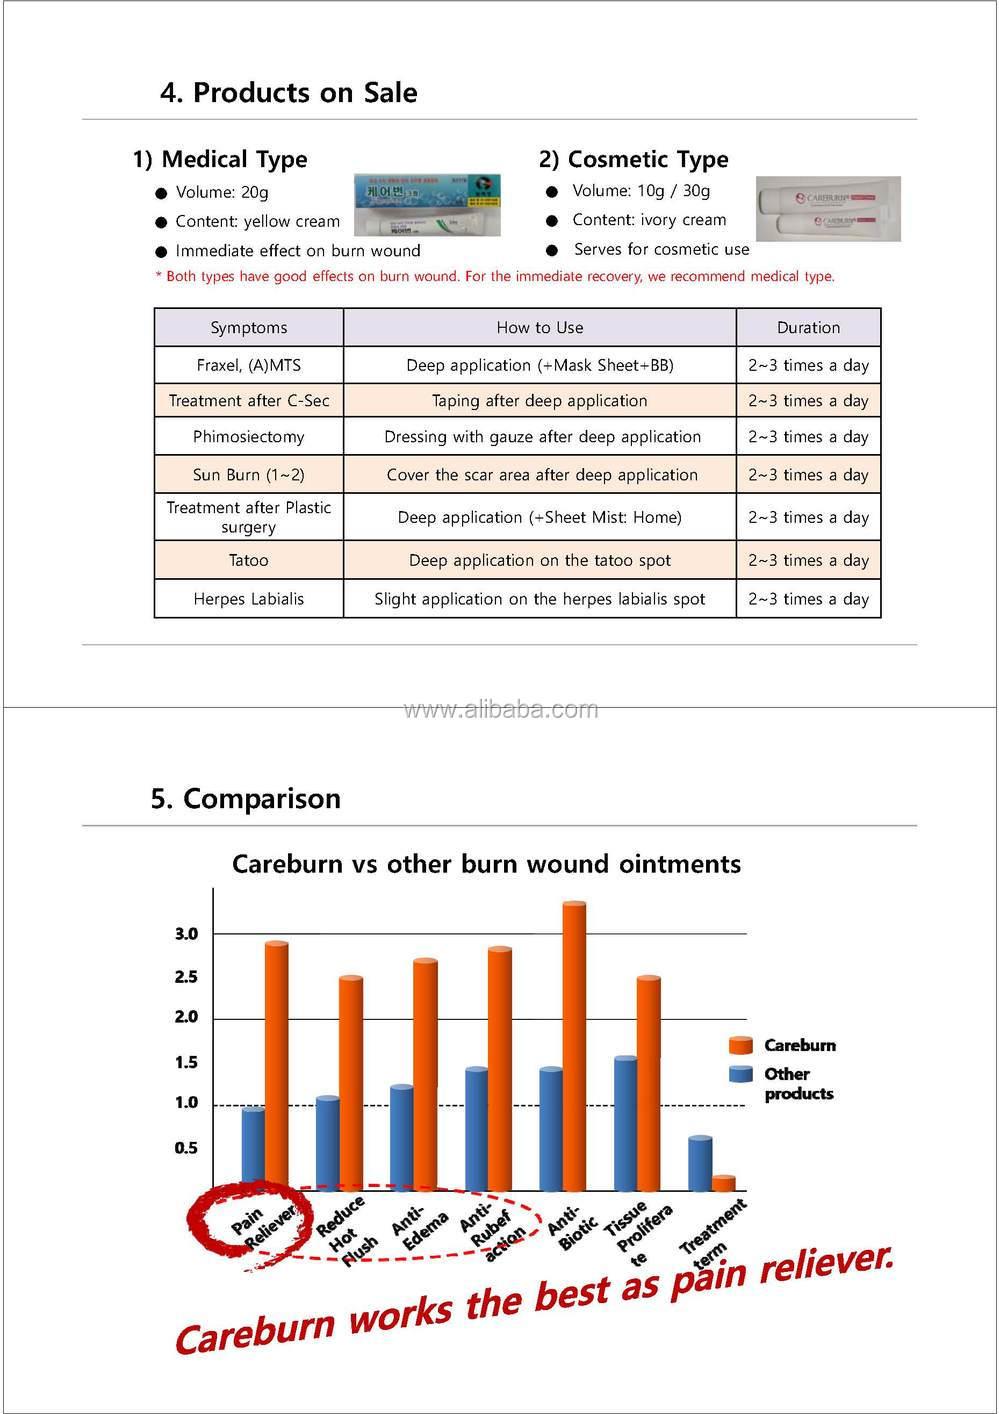 Careburn Korean Burn Wound Treatment Ointment Buy Care Burn